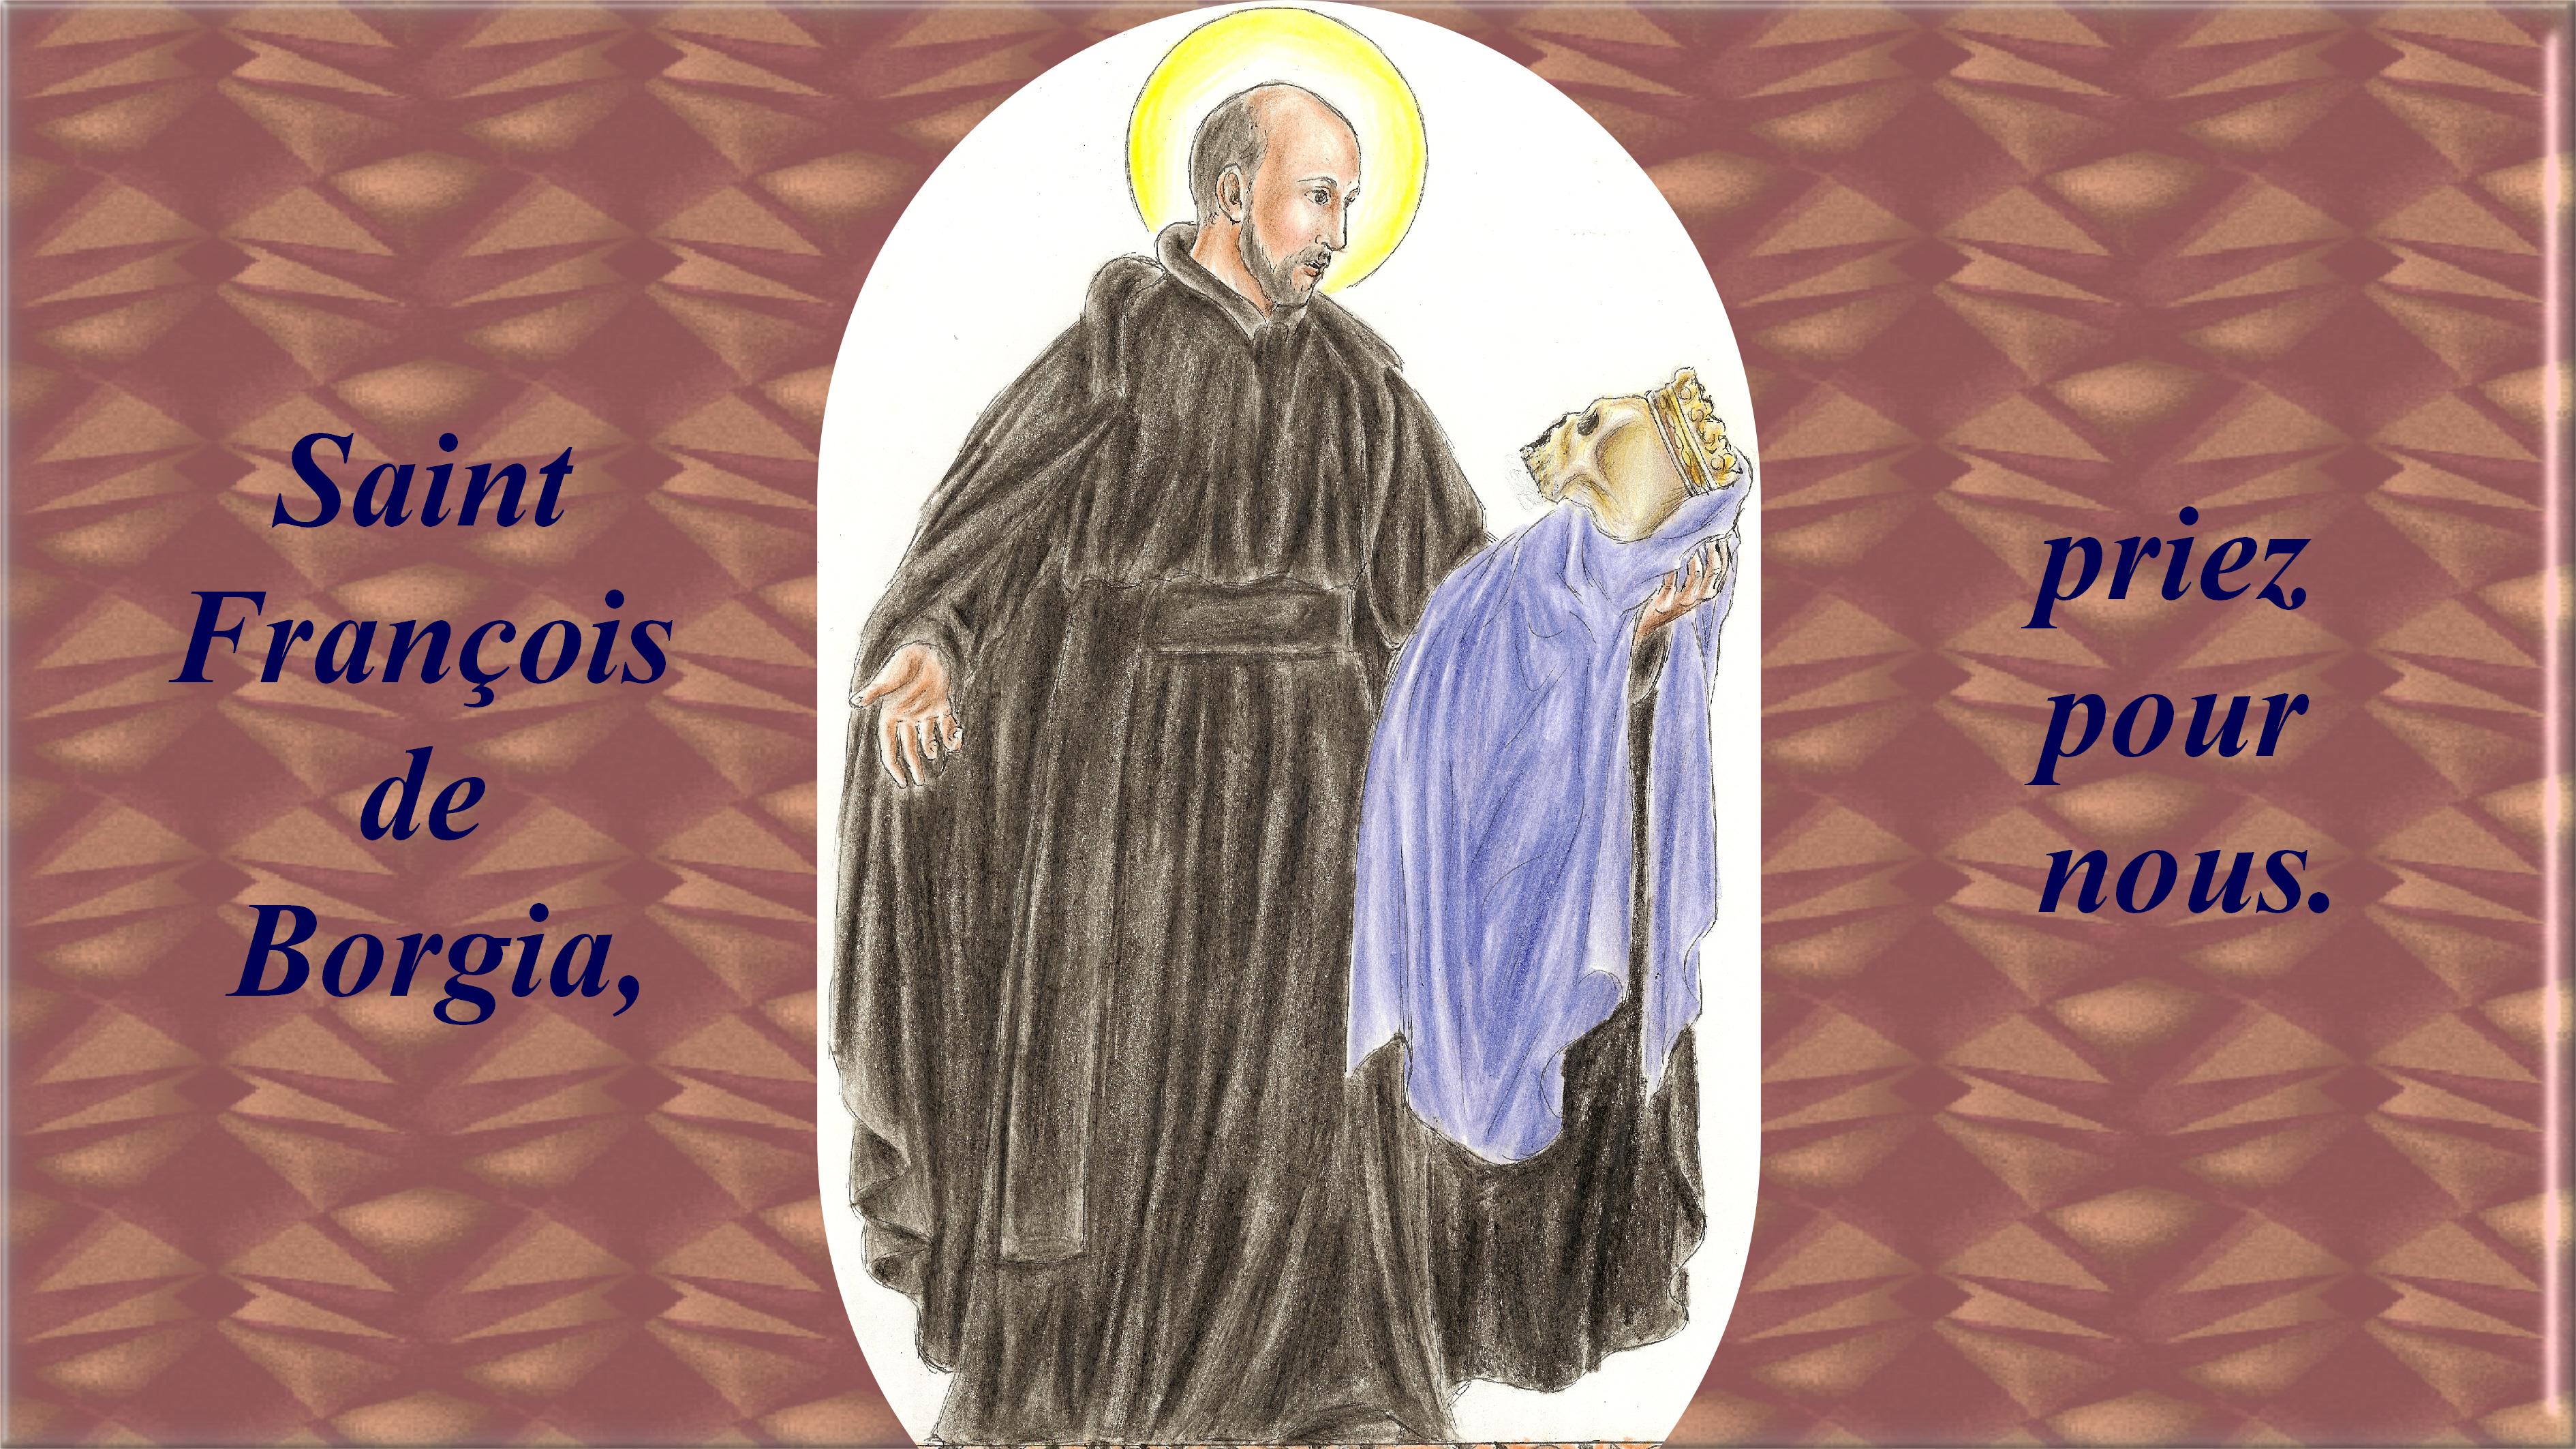 CALENDRIER CATHOLIQUE 2019 (Cantiques, Prières & Images) - Page 11 St-fran-ois-de-borgia-56a60c3